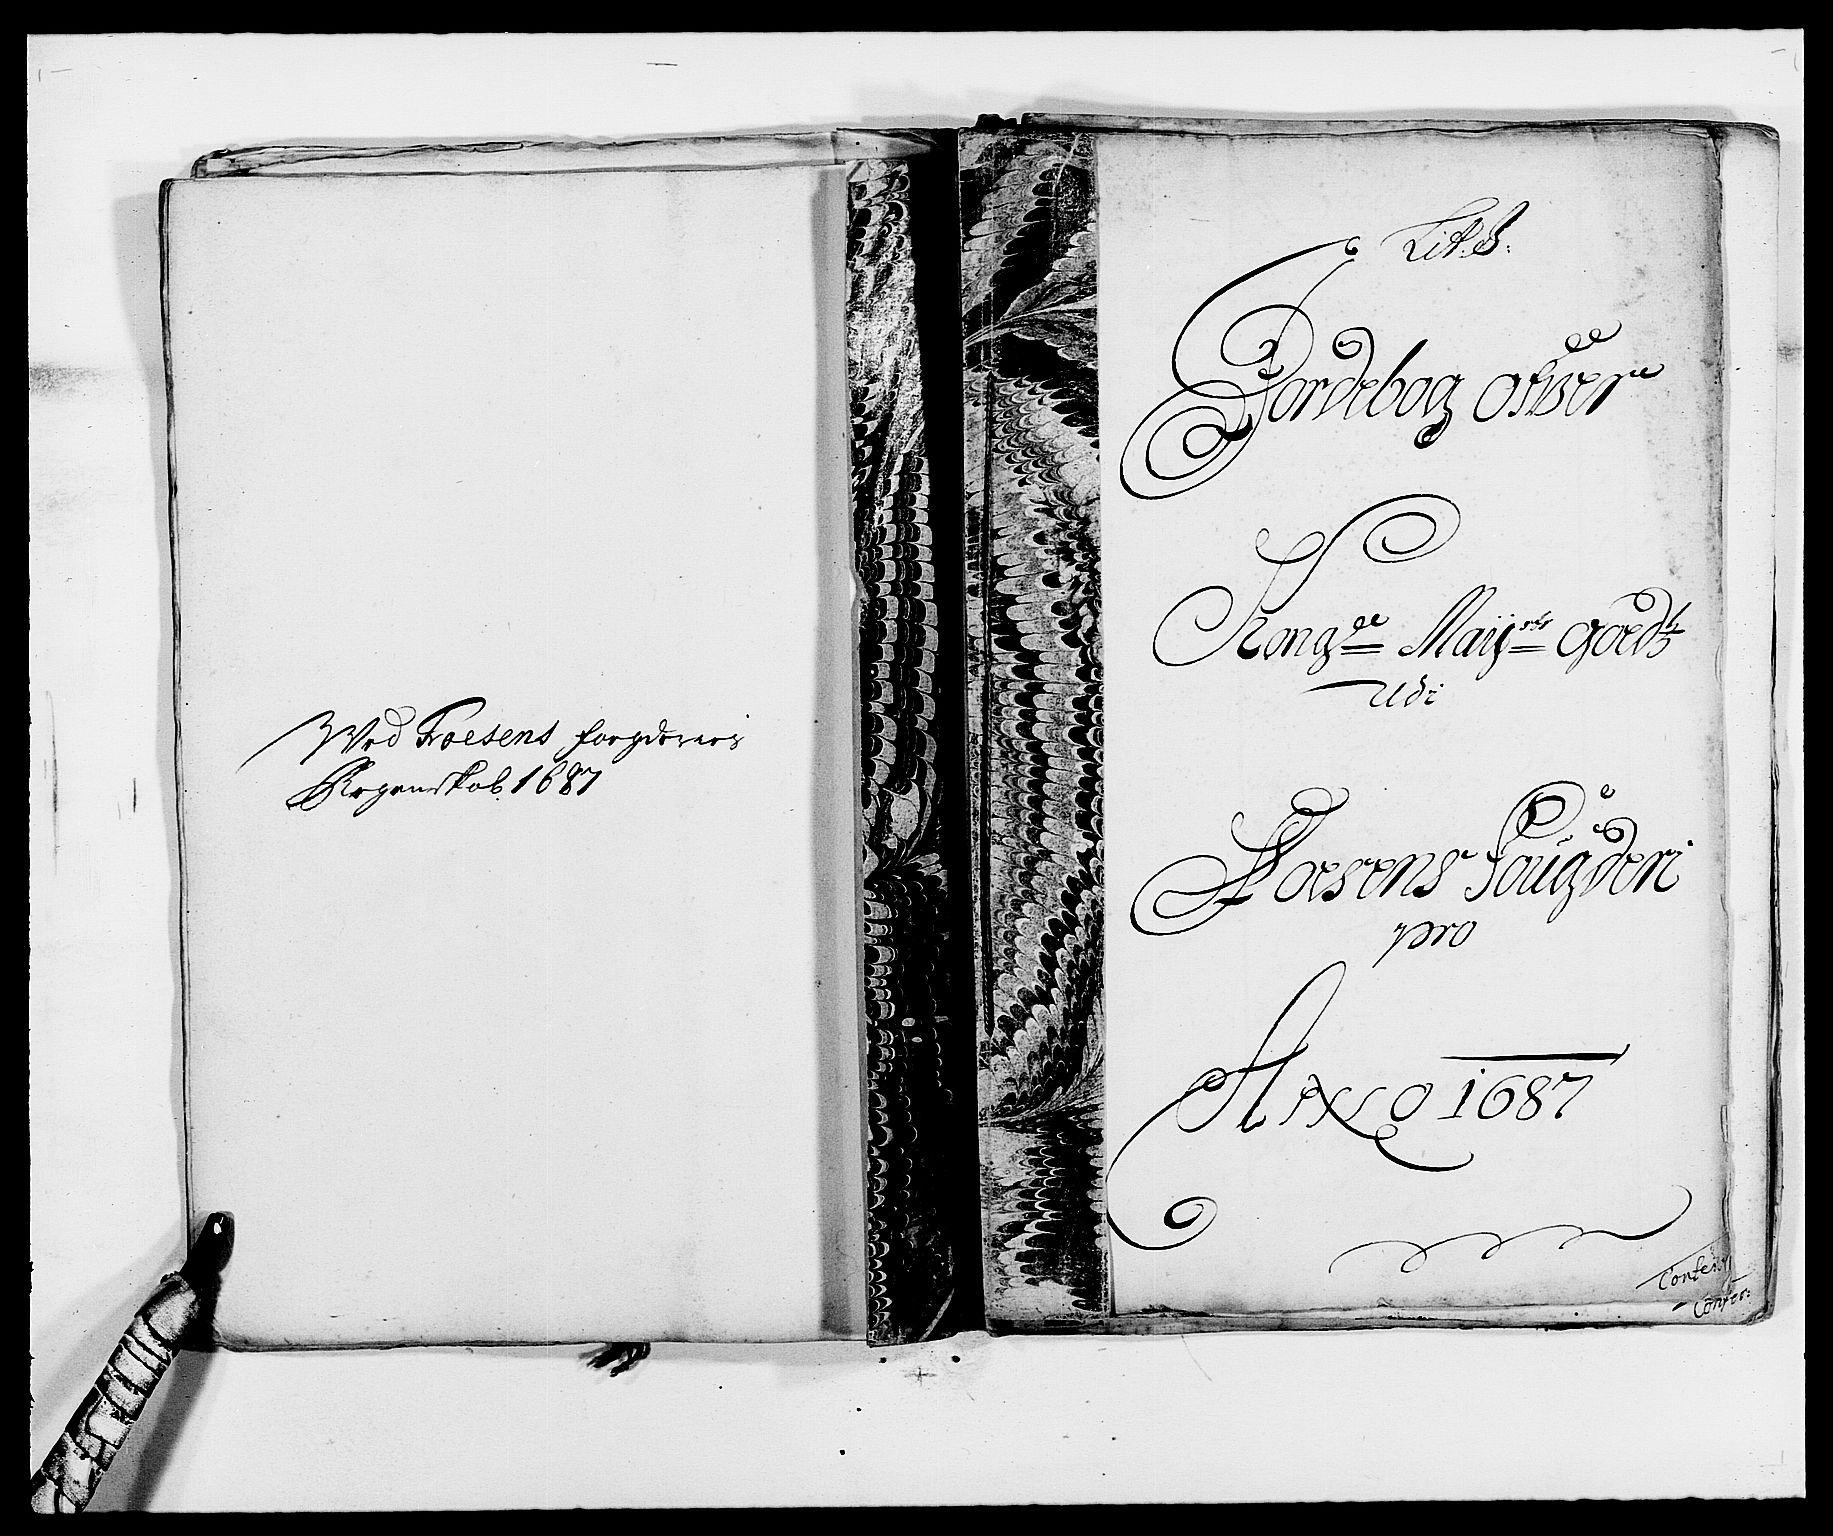 RA, Rentekammeret inntil 1814, Reviderte regnskaper, Fogderegnskap, R57/L3845: Fogderegnskap Fosen, 1687, s. 97